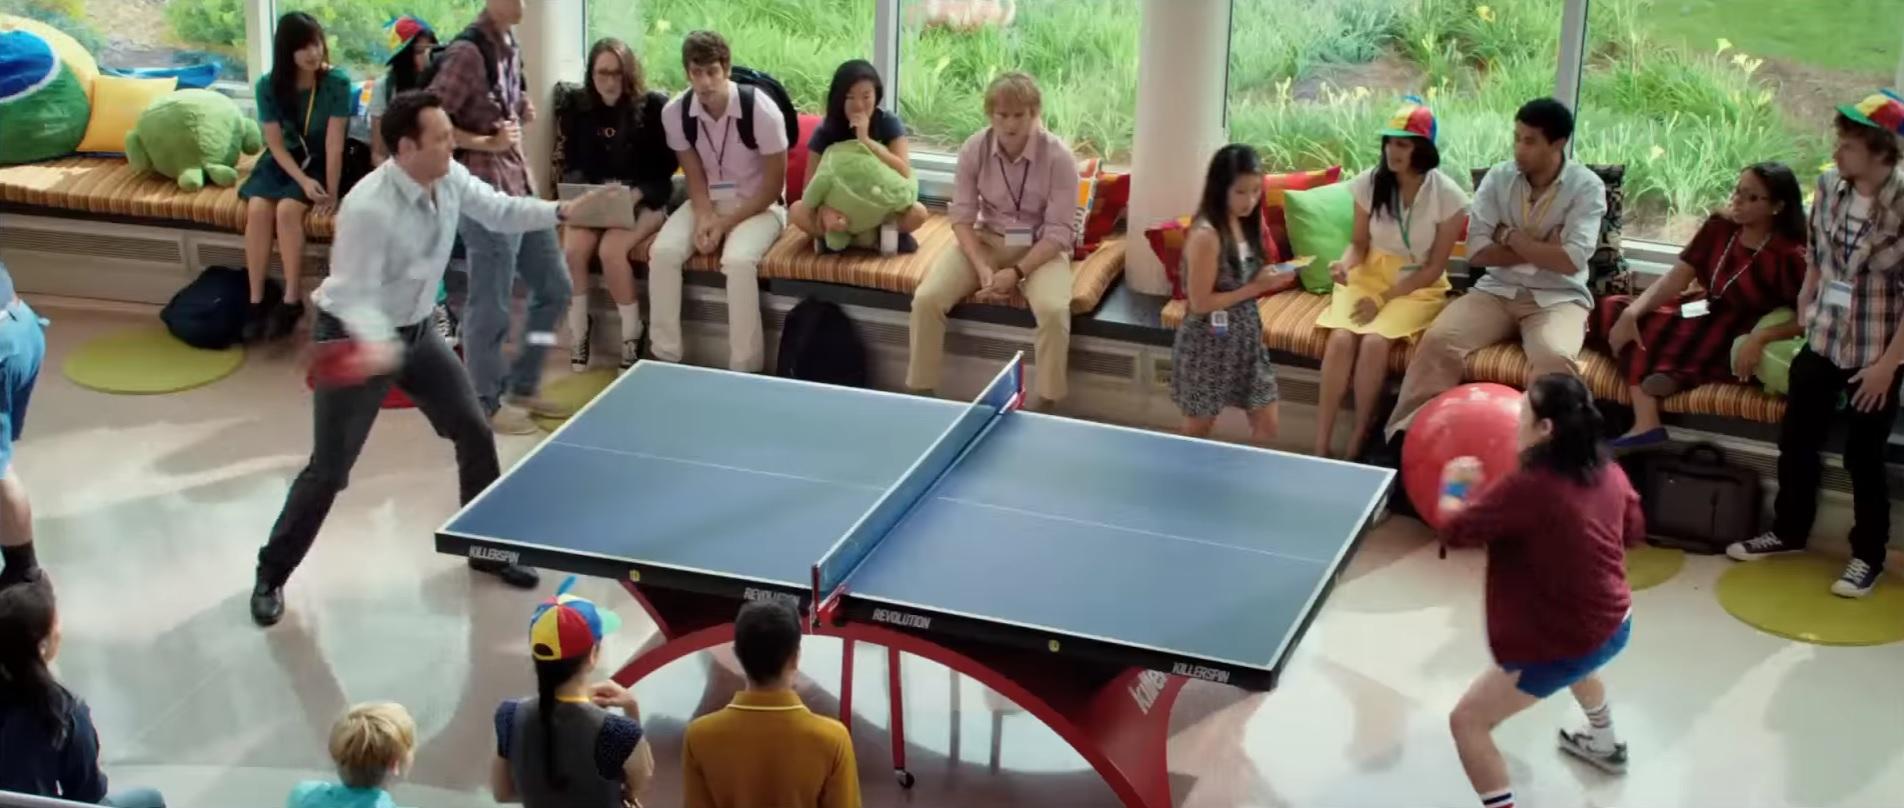 電影「翻生求職黨」(The Internship)講述兩名中佬考入 Google 做實習生,總部內的乒乓球檯亦有亮相。